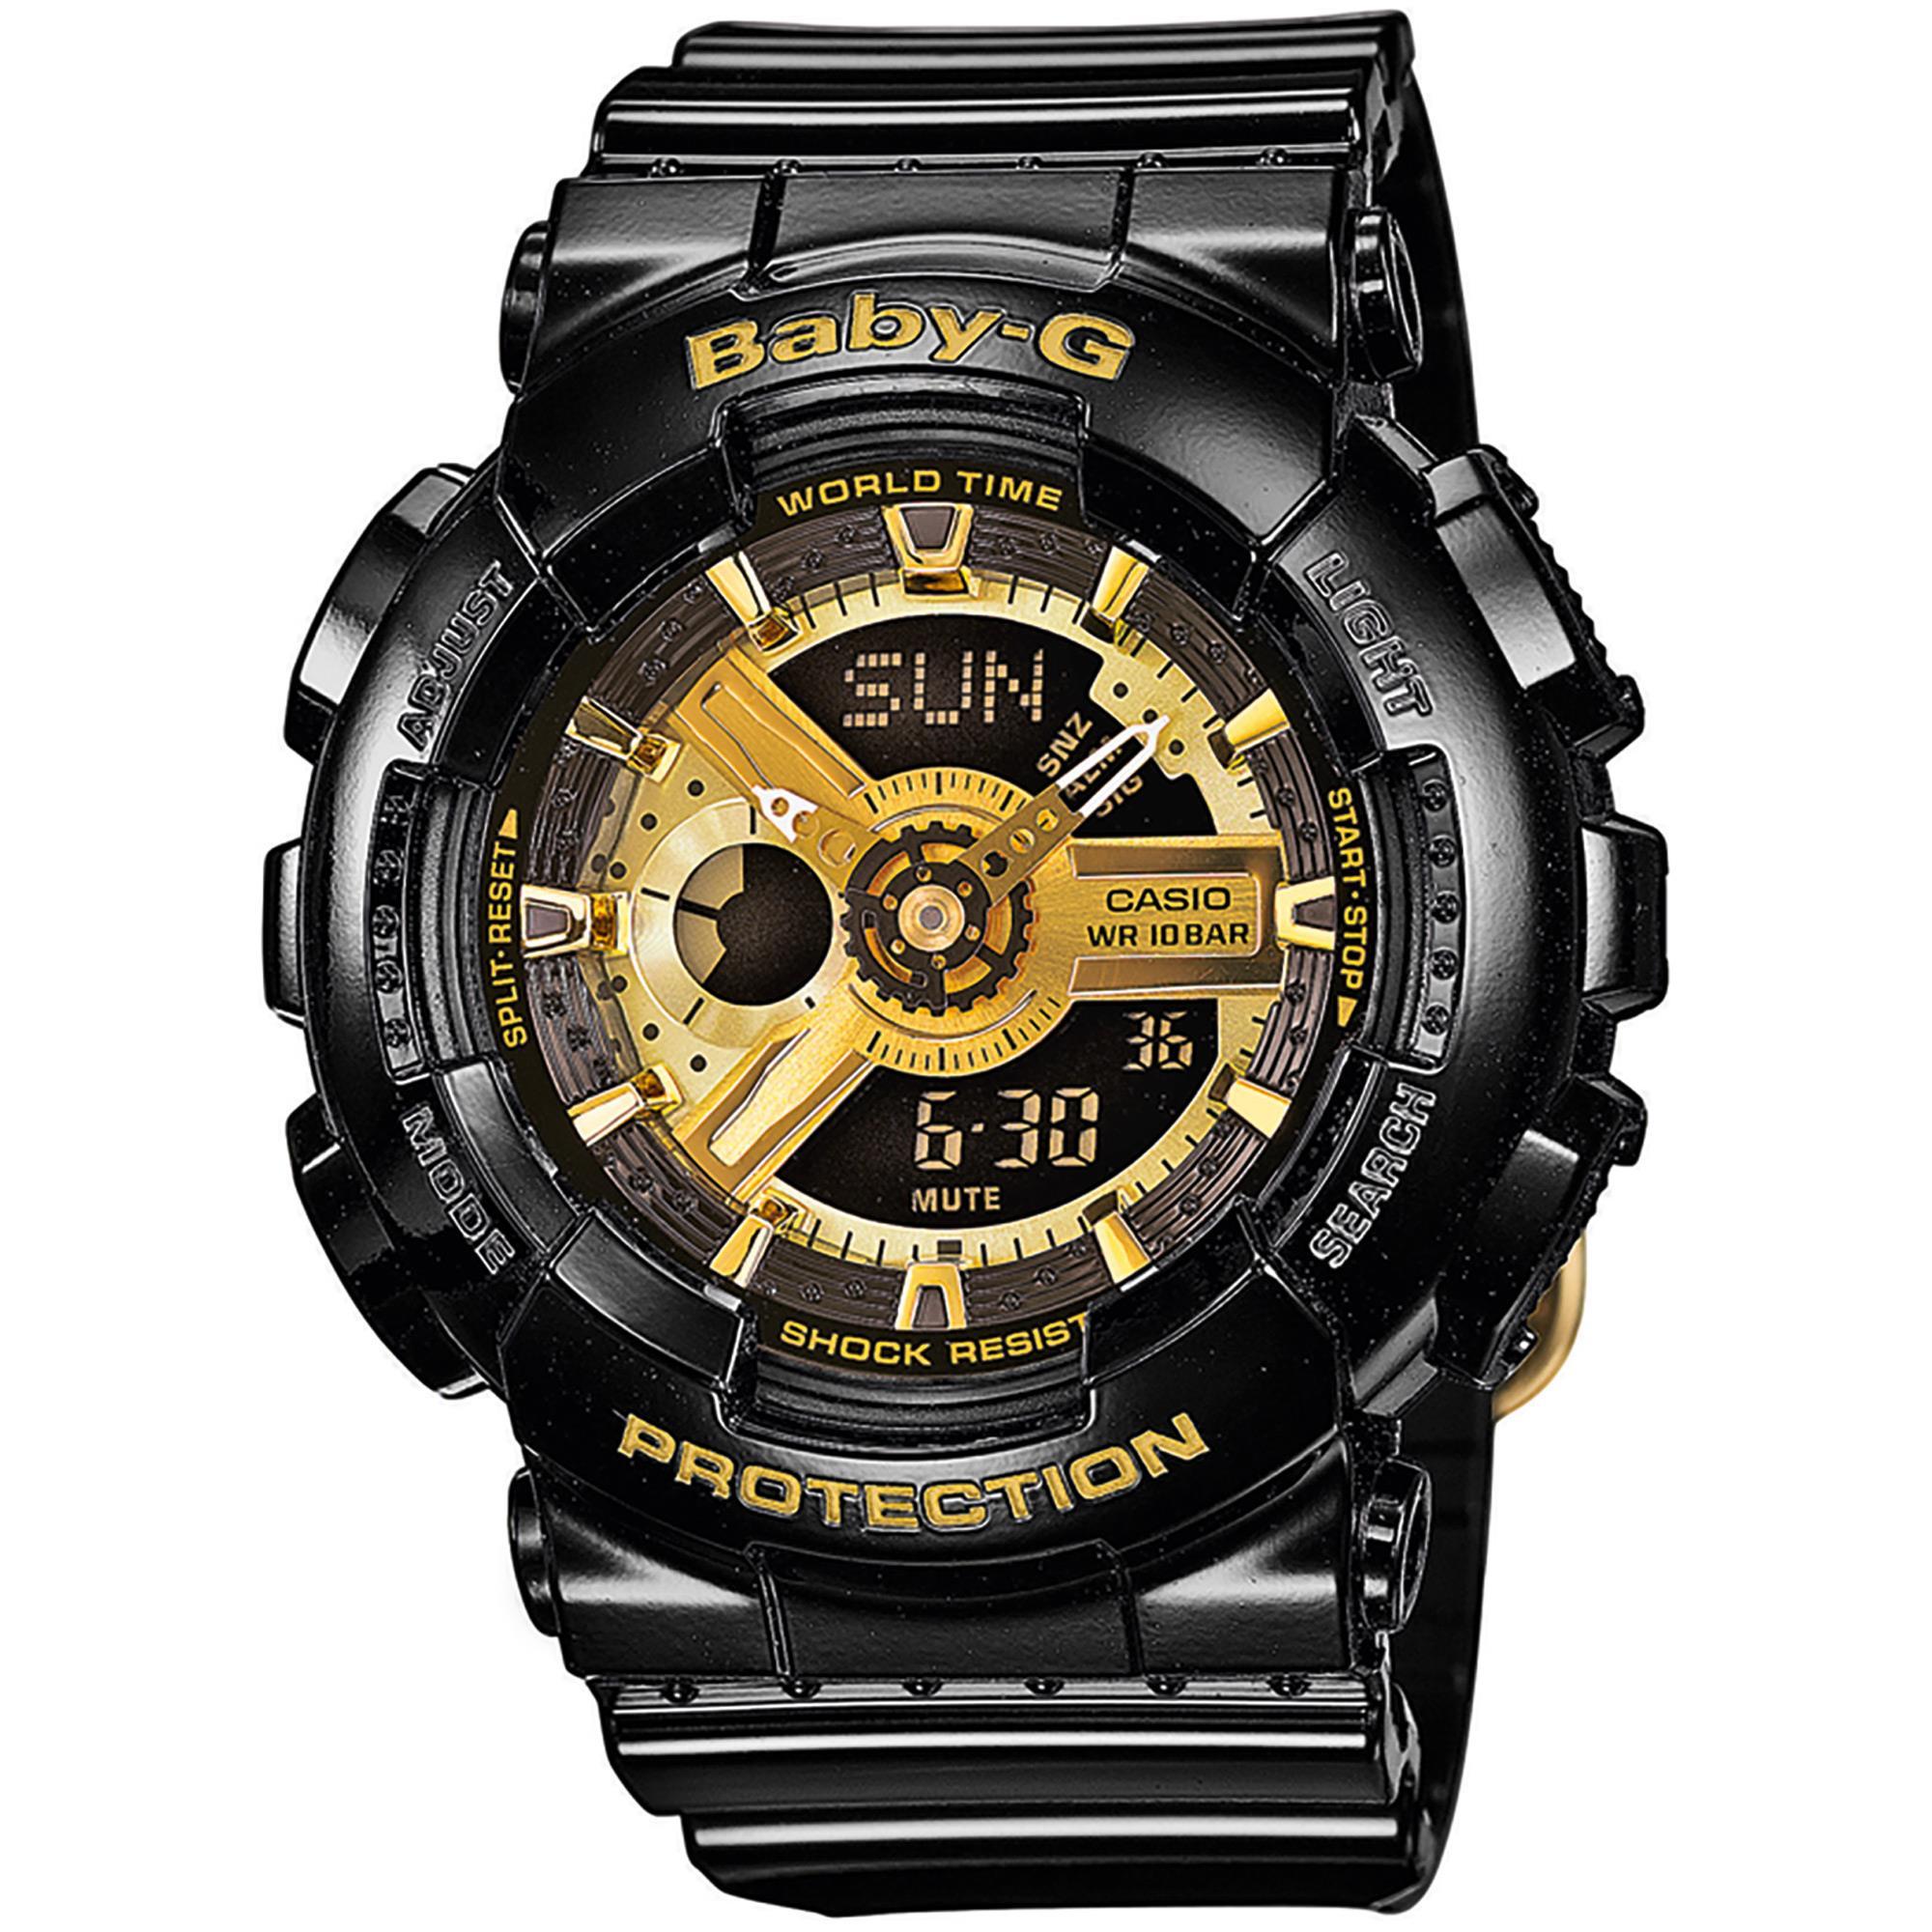 G-Shock Baby G Nero Anadigit Donna Gomma BA-110-1AER - CASIO